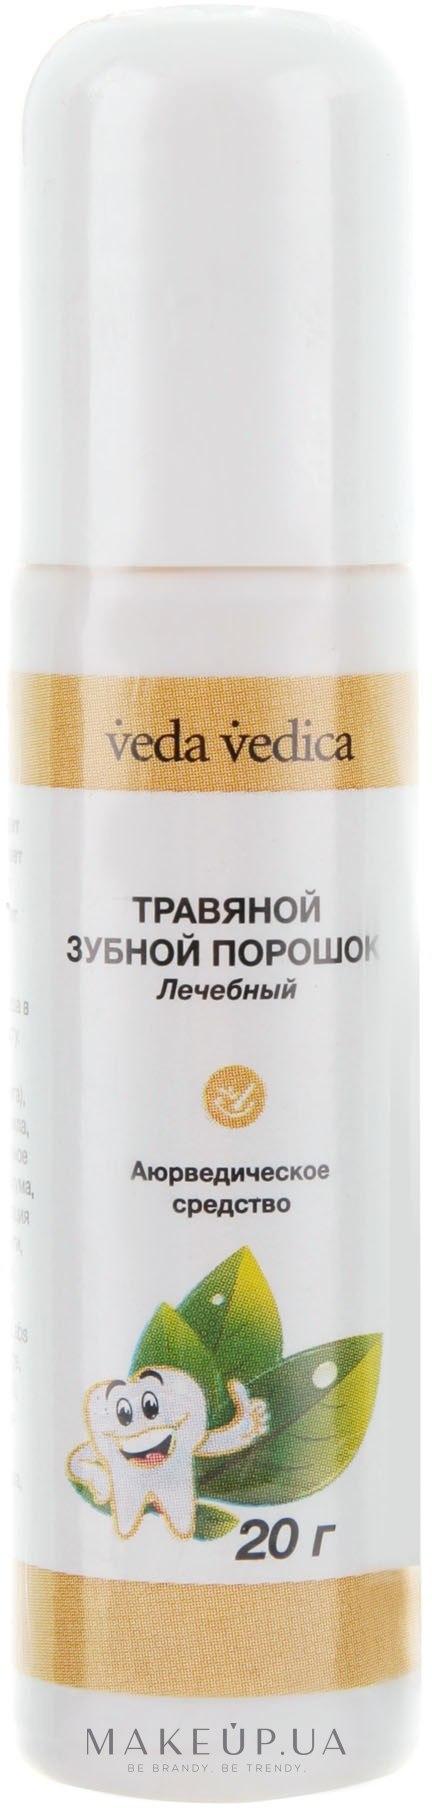 Косметика veda vedica купить косметика тая для волос купить в